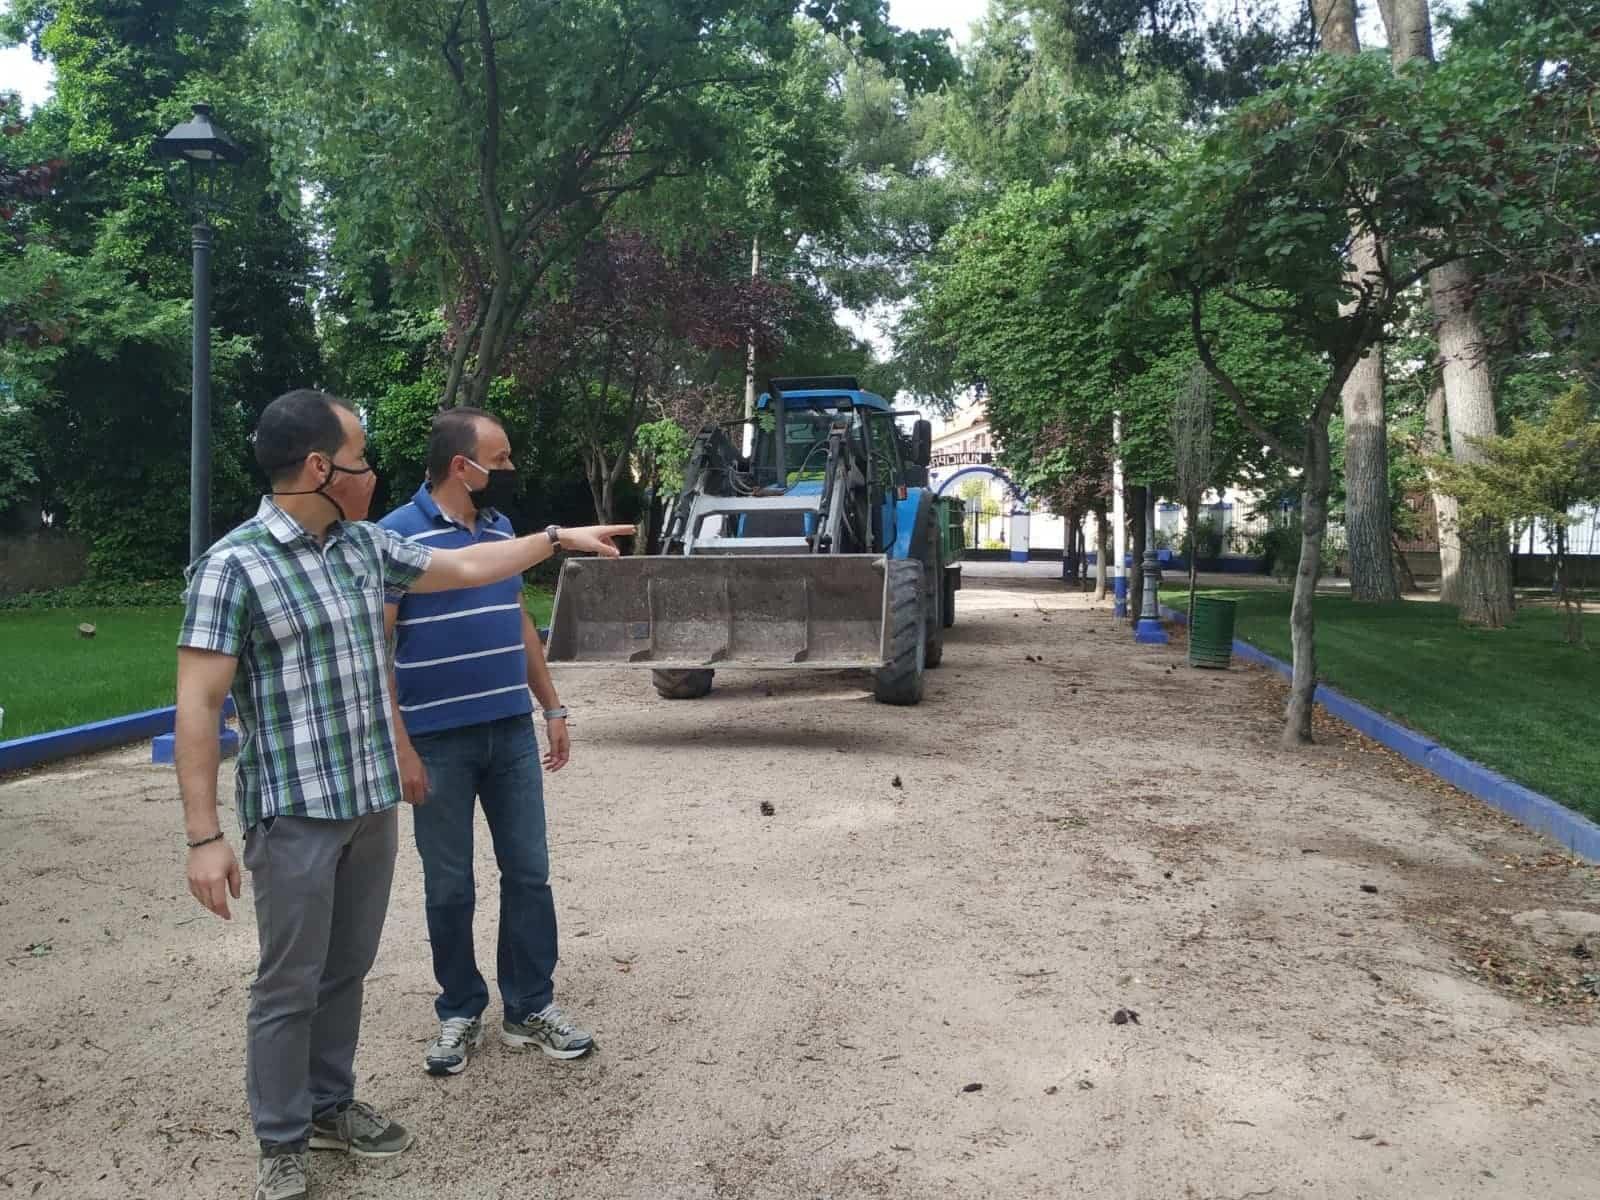 remodelacion parque municipal herencia 3 - El Parque Municipal de Herencia finaliza sus obras de remodelación